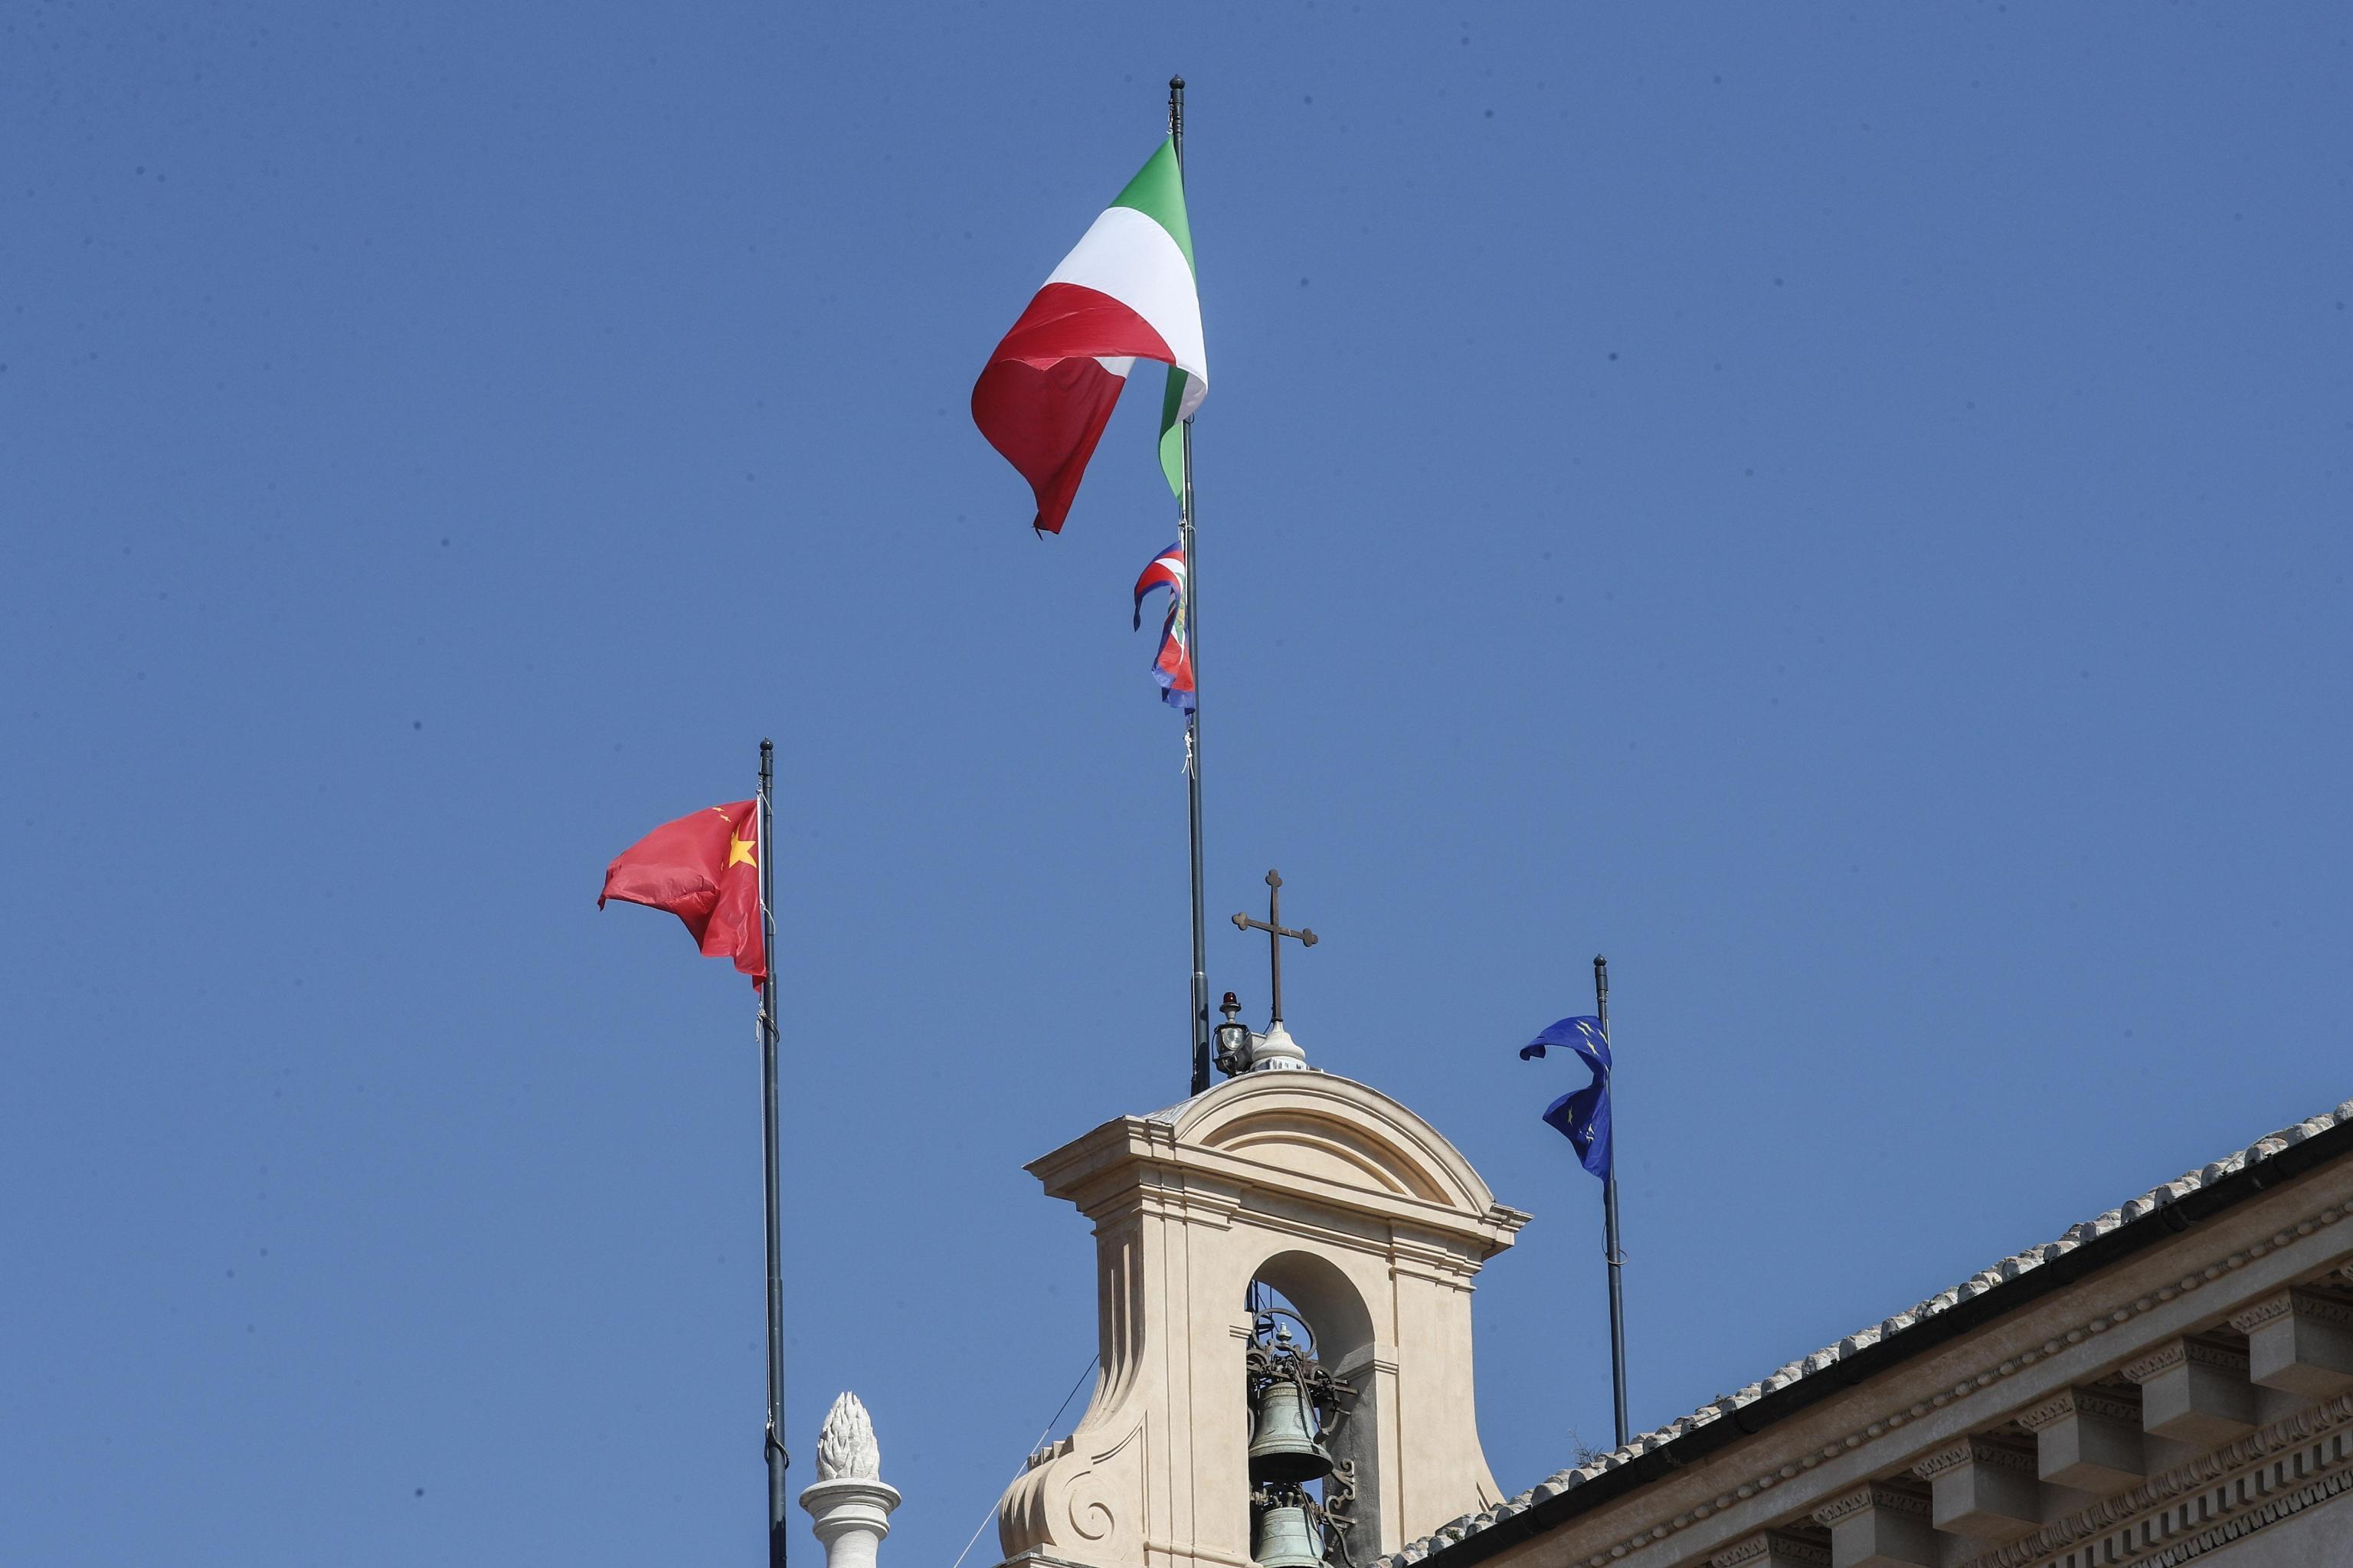 Una bandiera della Repubblica Popolare Cinese sventola sopra il Quirinale insieme a una bandiera della Repubblica Italiana e a un'altra dell'Unione Europea in occasione della visita di Xi Jinping